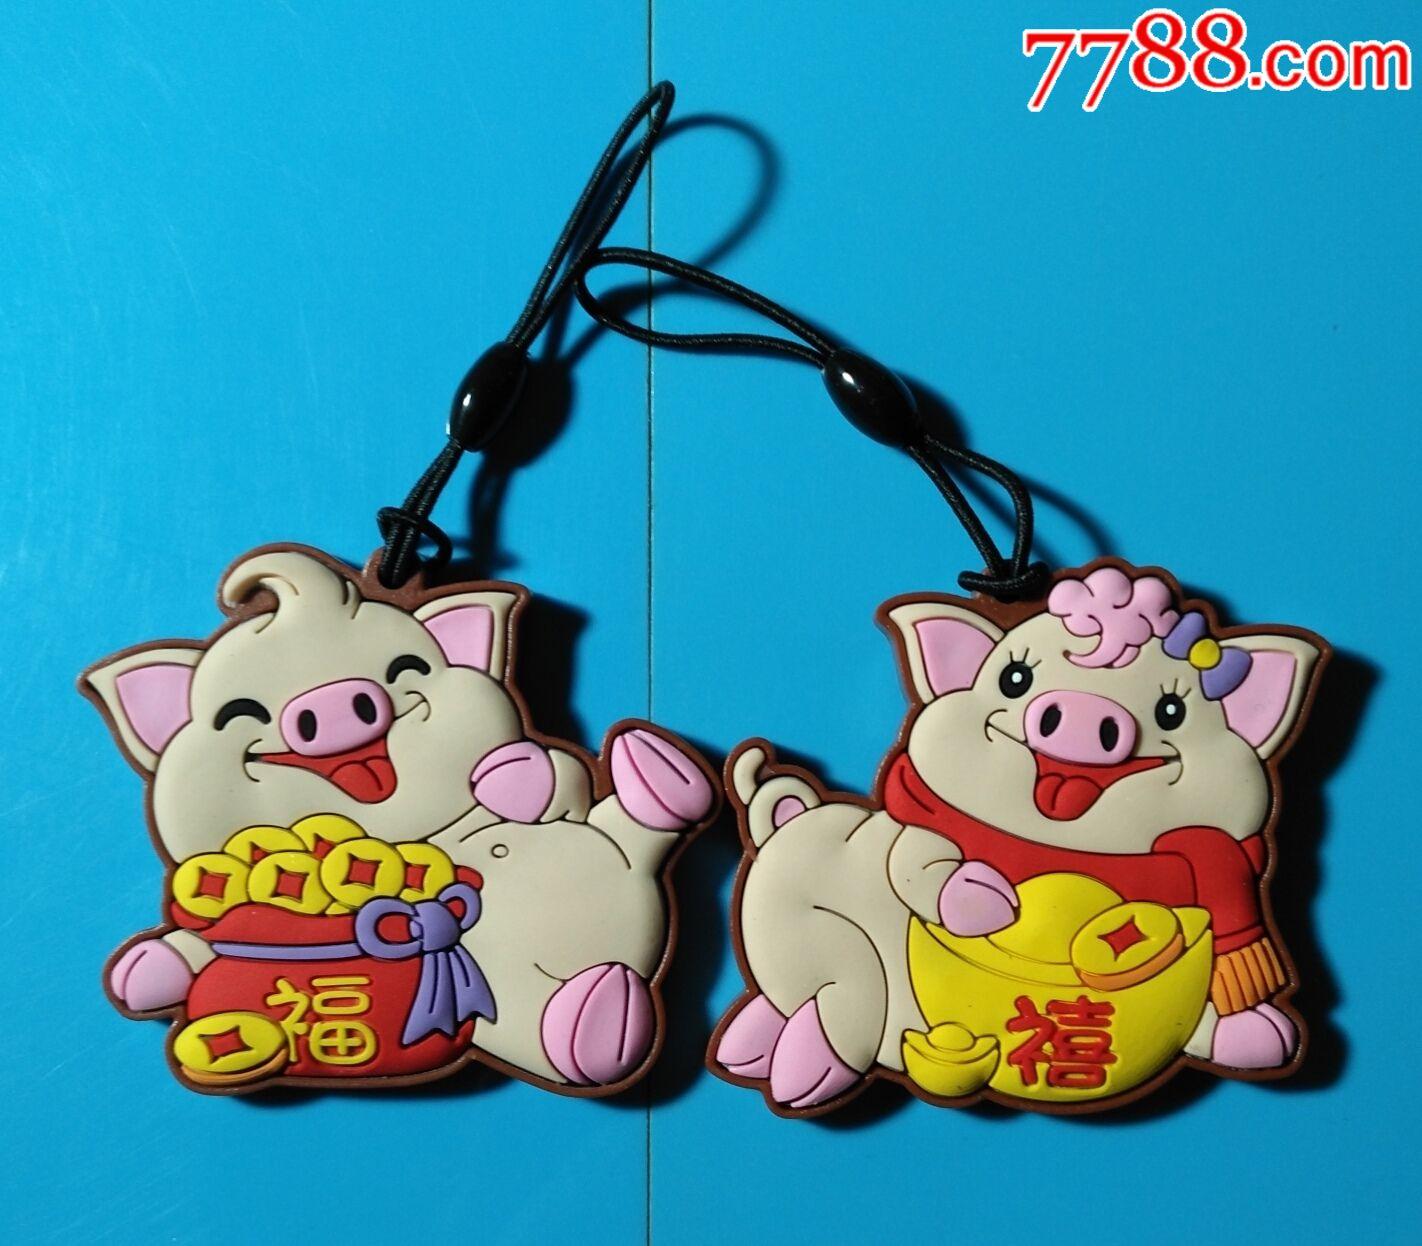 出售上海交通卡2019年生肖猪挂件2枚一套带盒全品